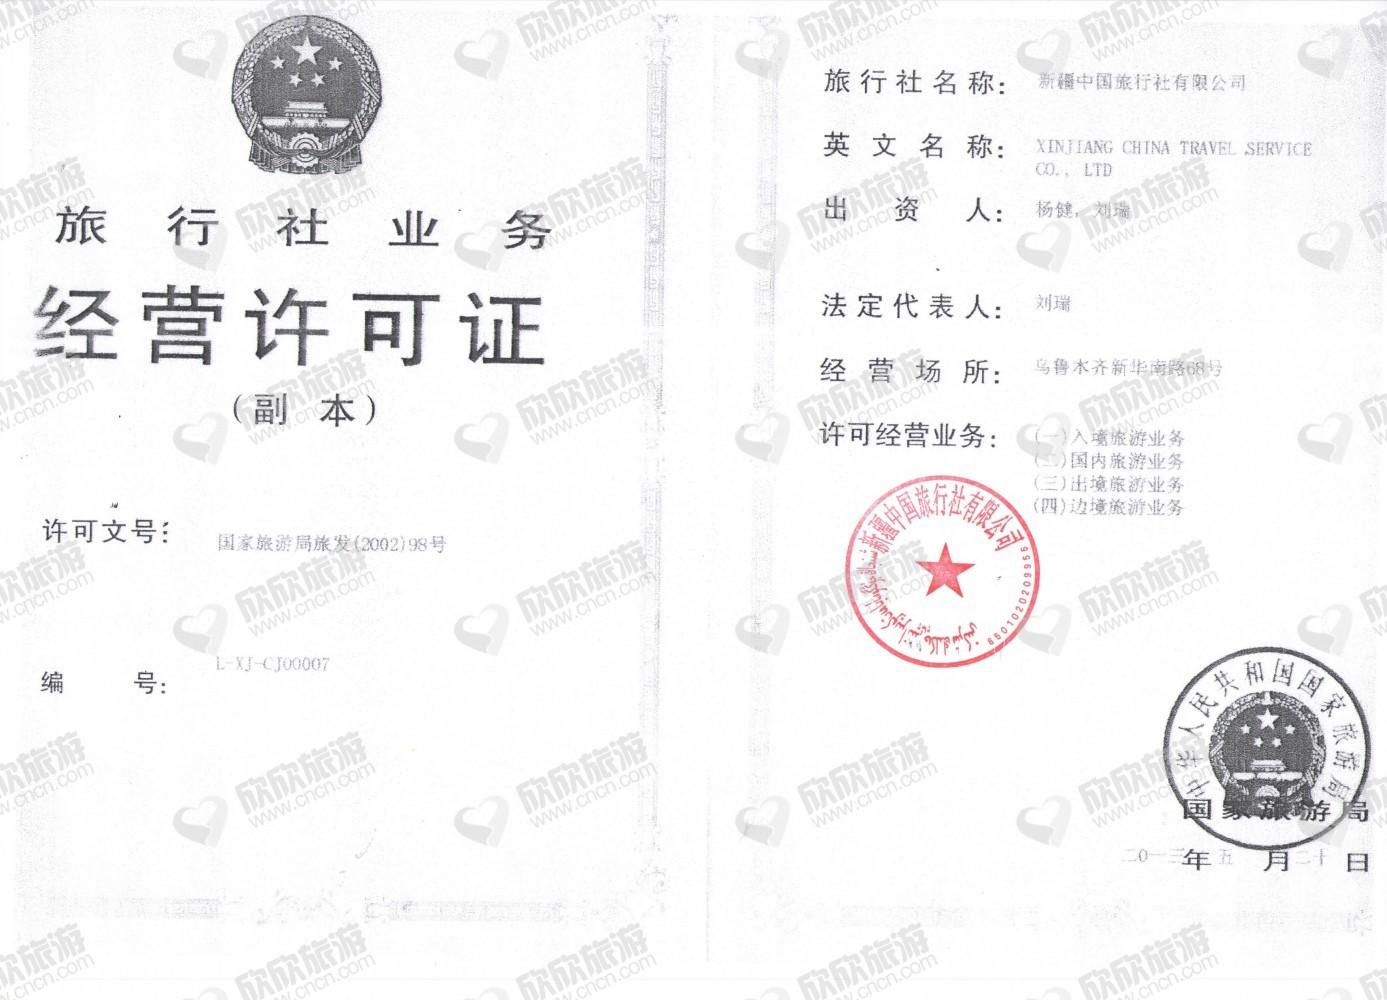 新疆中国旅行社有限公司经营许可证